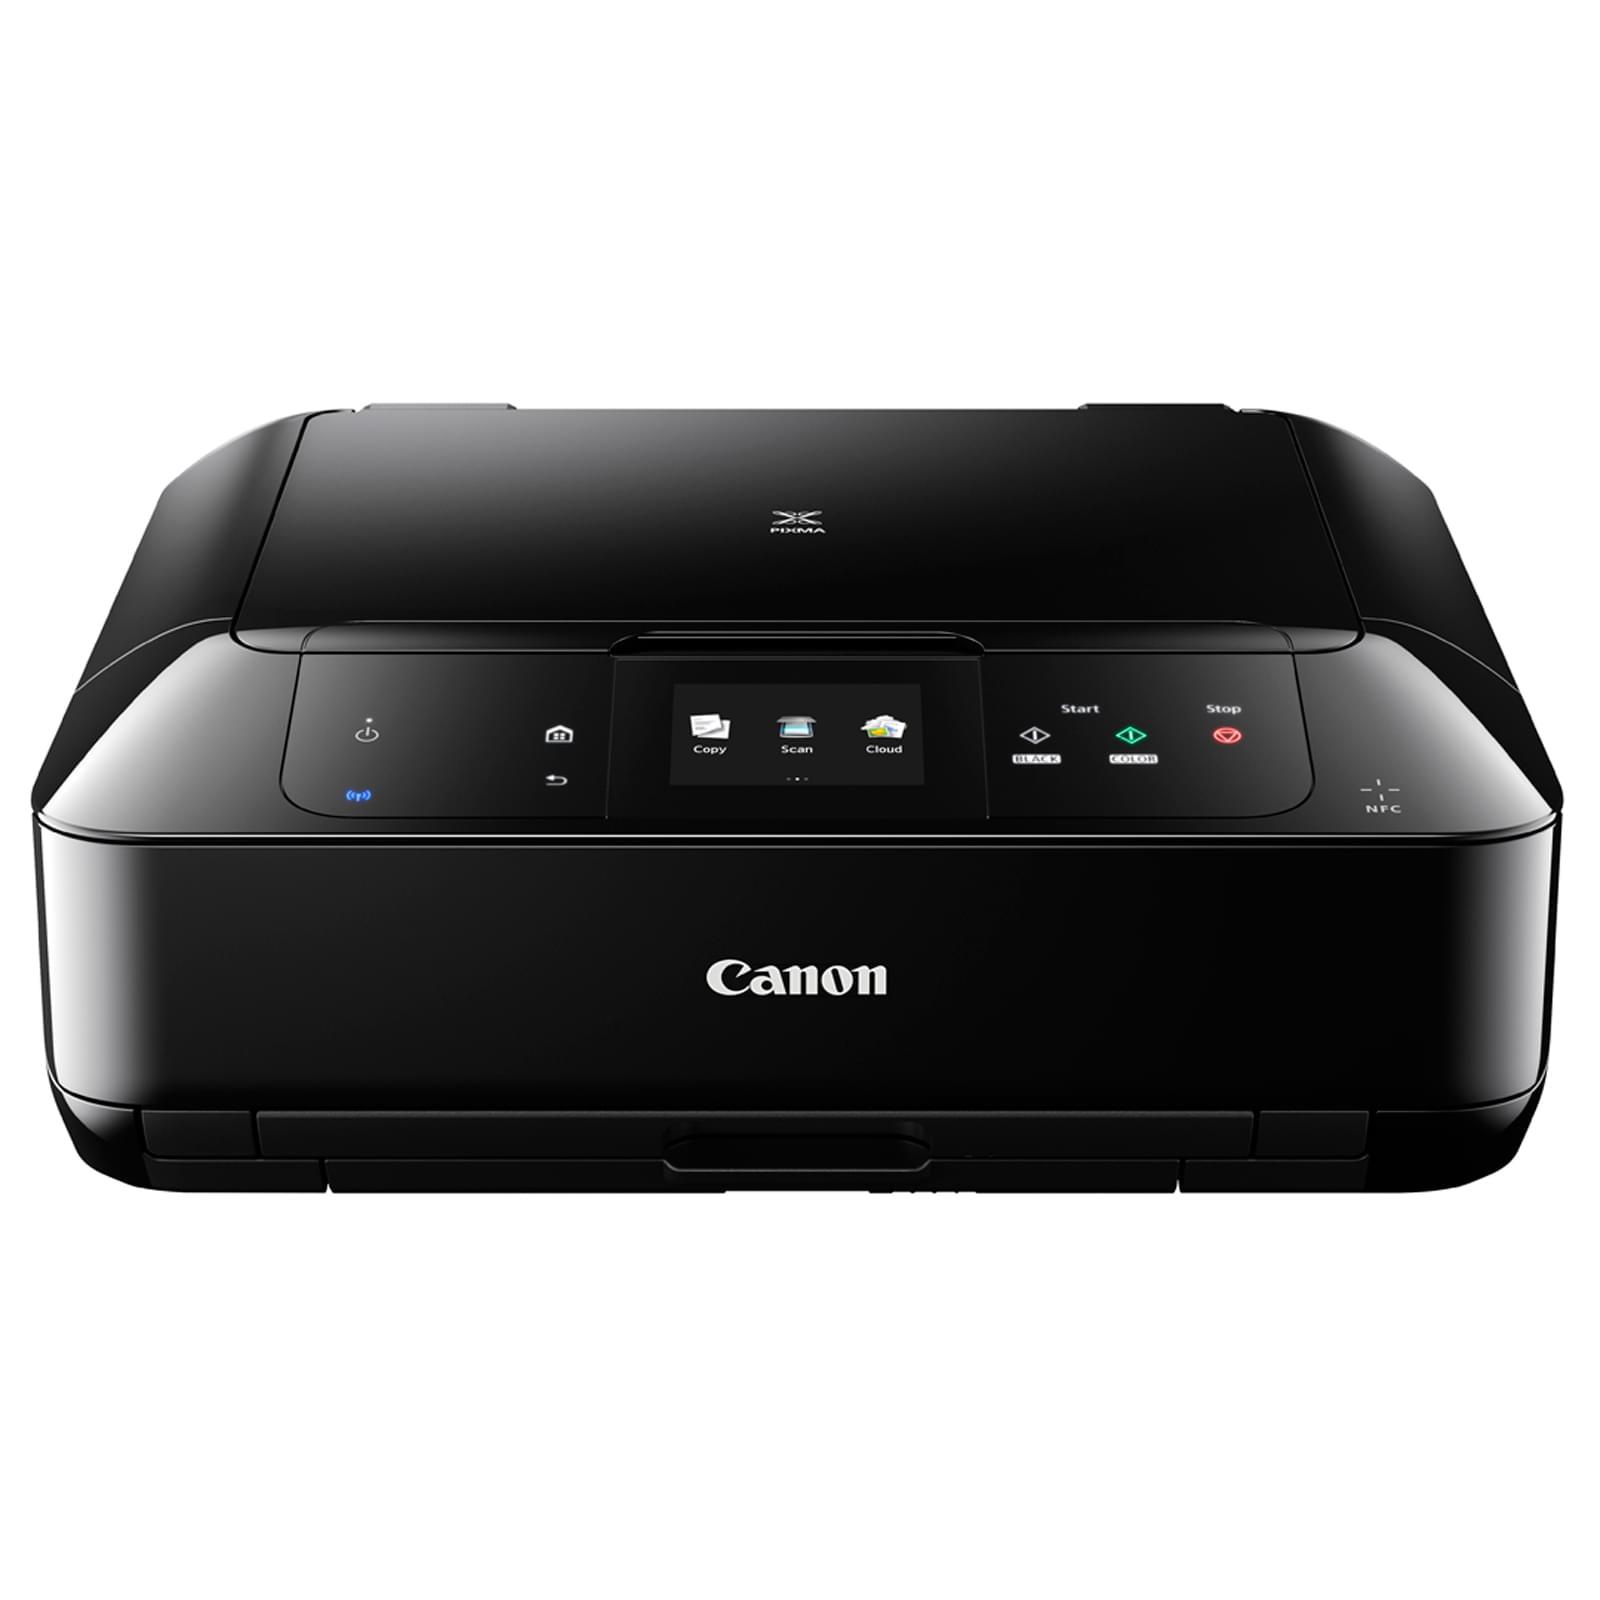 Imprimante multifonction Canon PIXMA MG7550 Noire - Cybertek.fr - 0